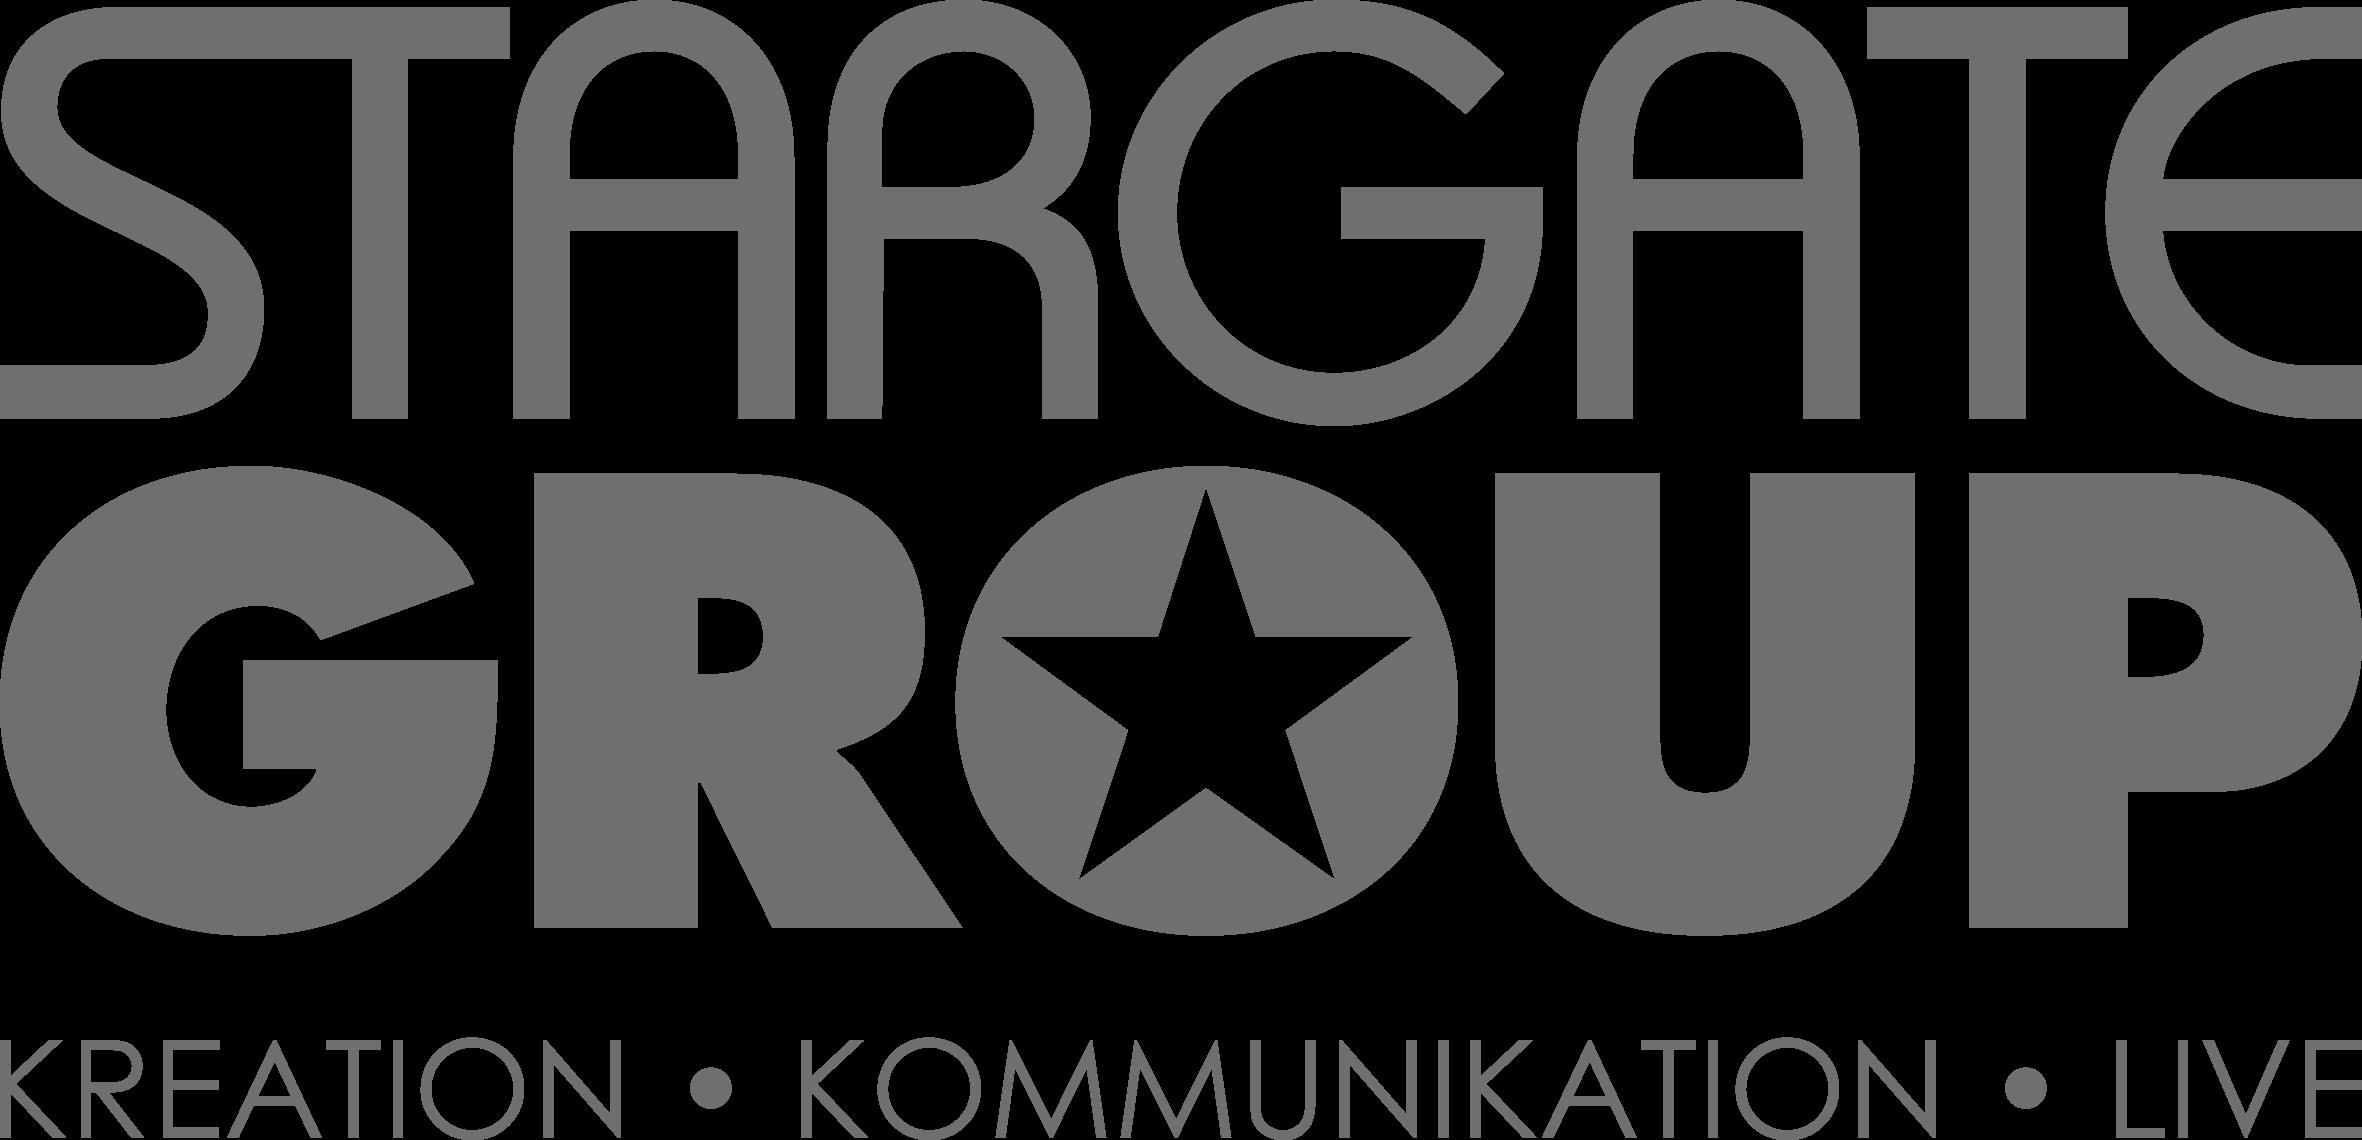 Stargate Group Werbeagentur GmbH